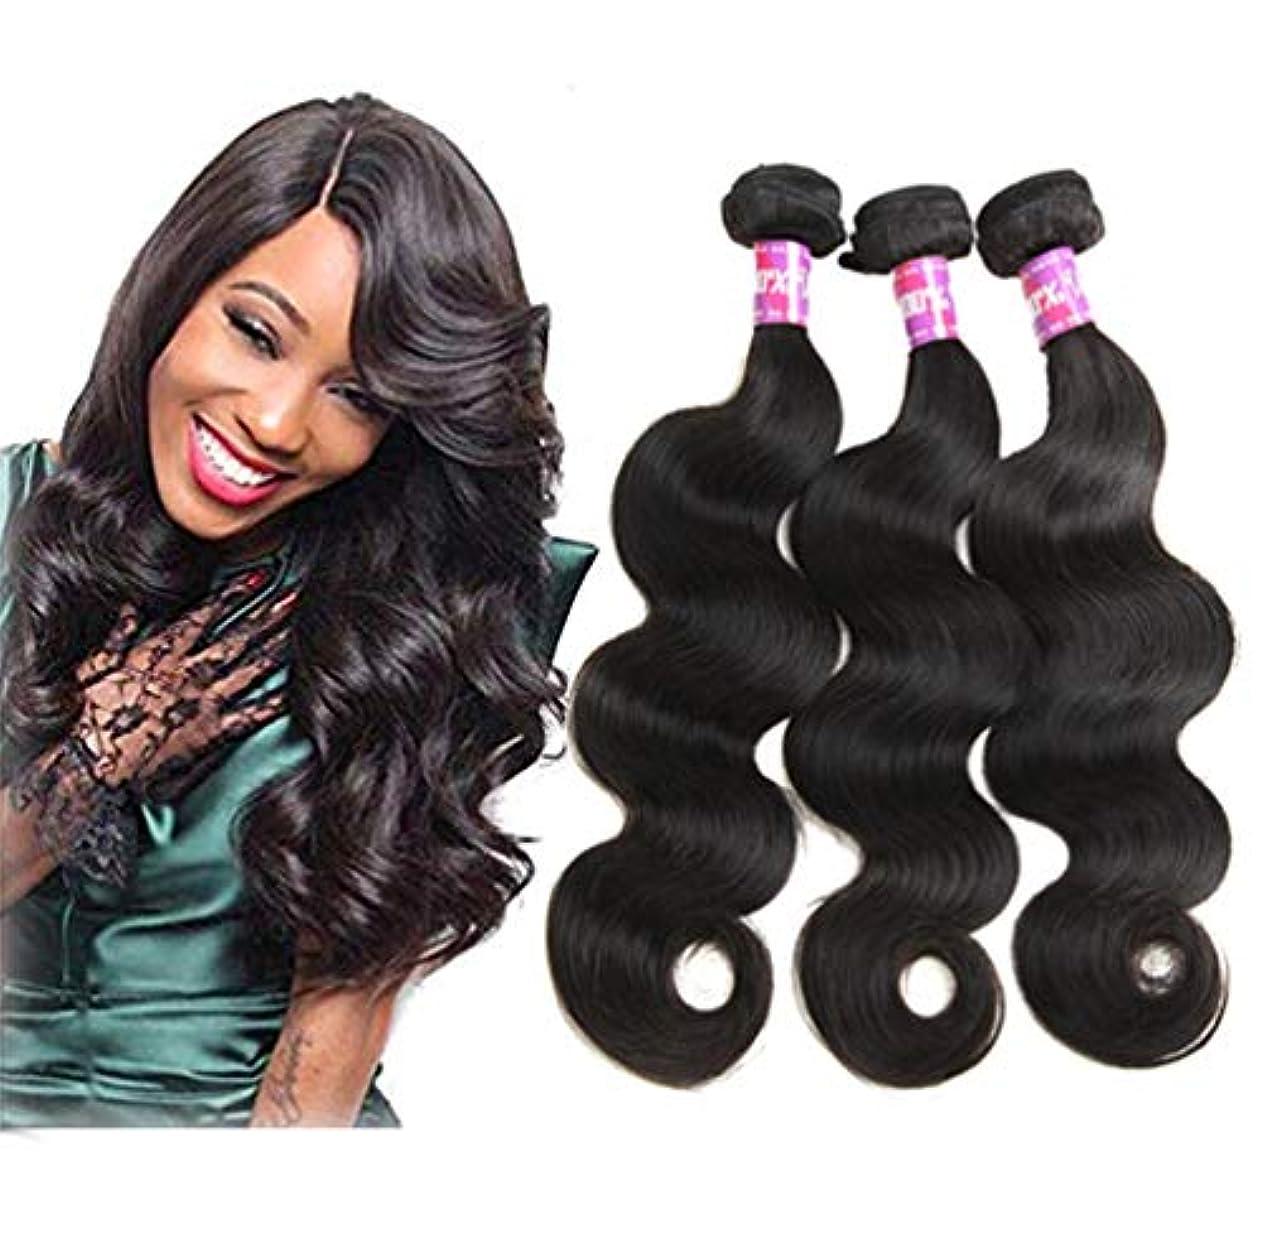 引き出し攻撃消費する毛織り10Aブラジル実体波人間の髪の毛1束で100%未処理のバージン人間の髪の毛束で自由部分閉鎖